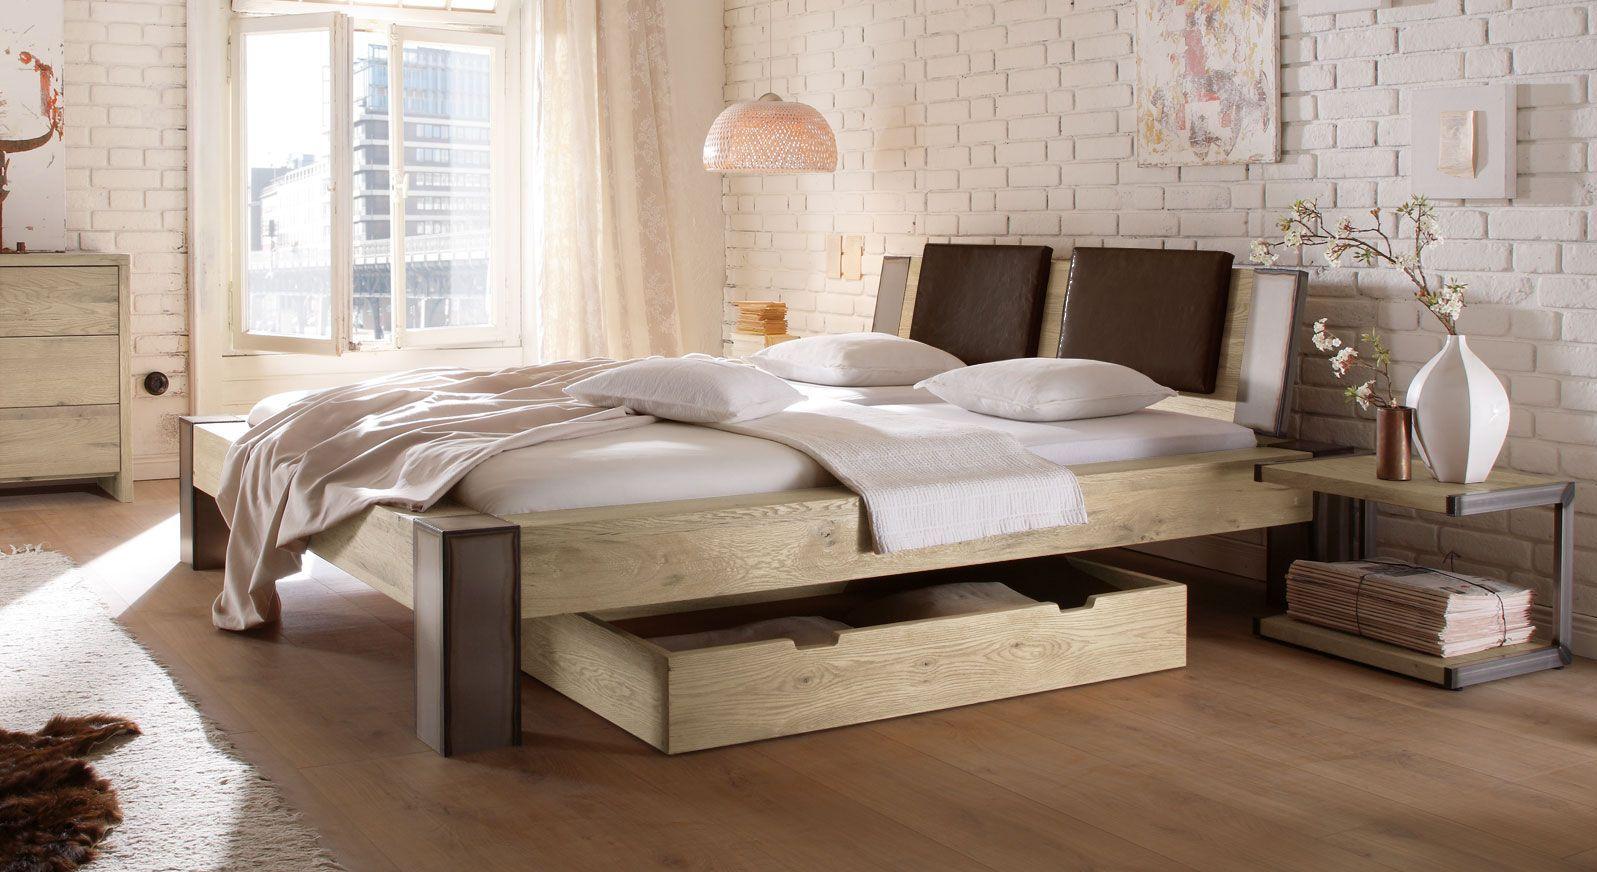 Bett Mallero mit maronefarbenen Einsteck-Kissen in Wildeiche weiß